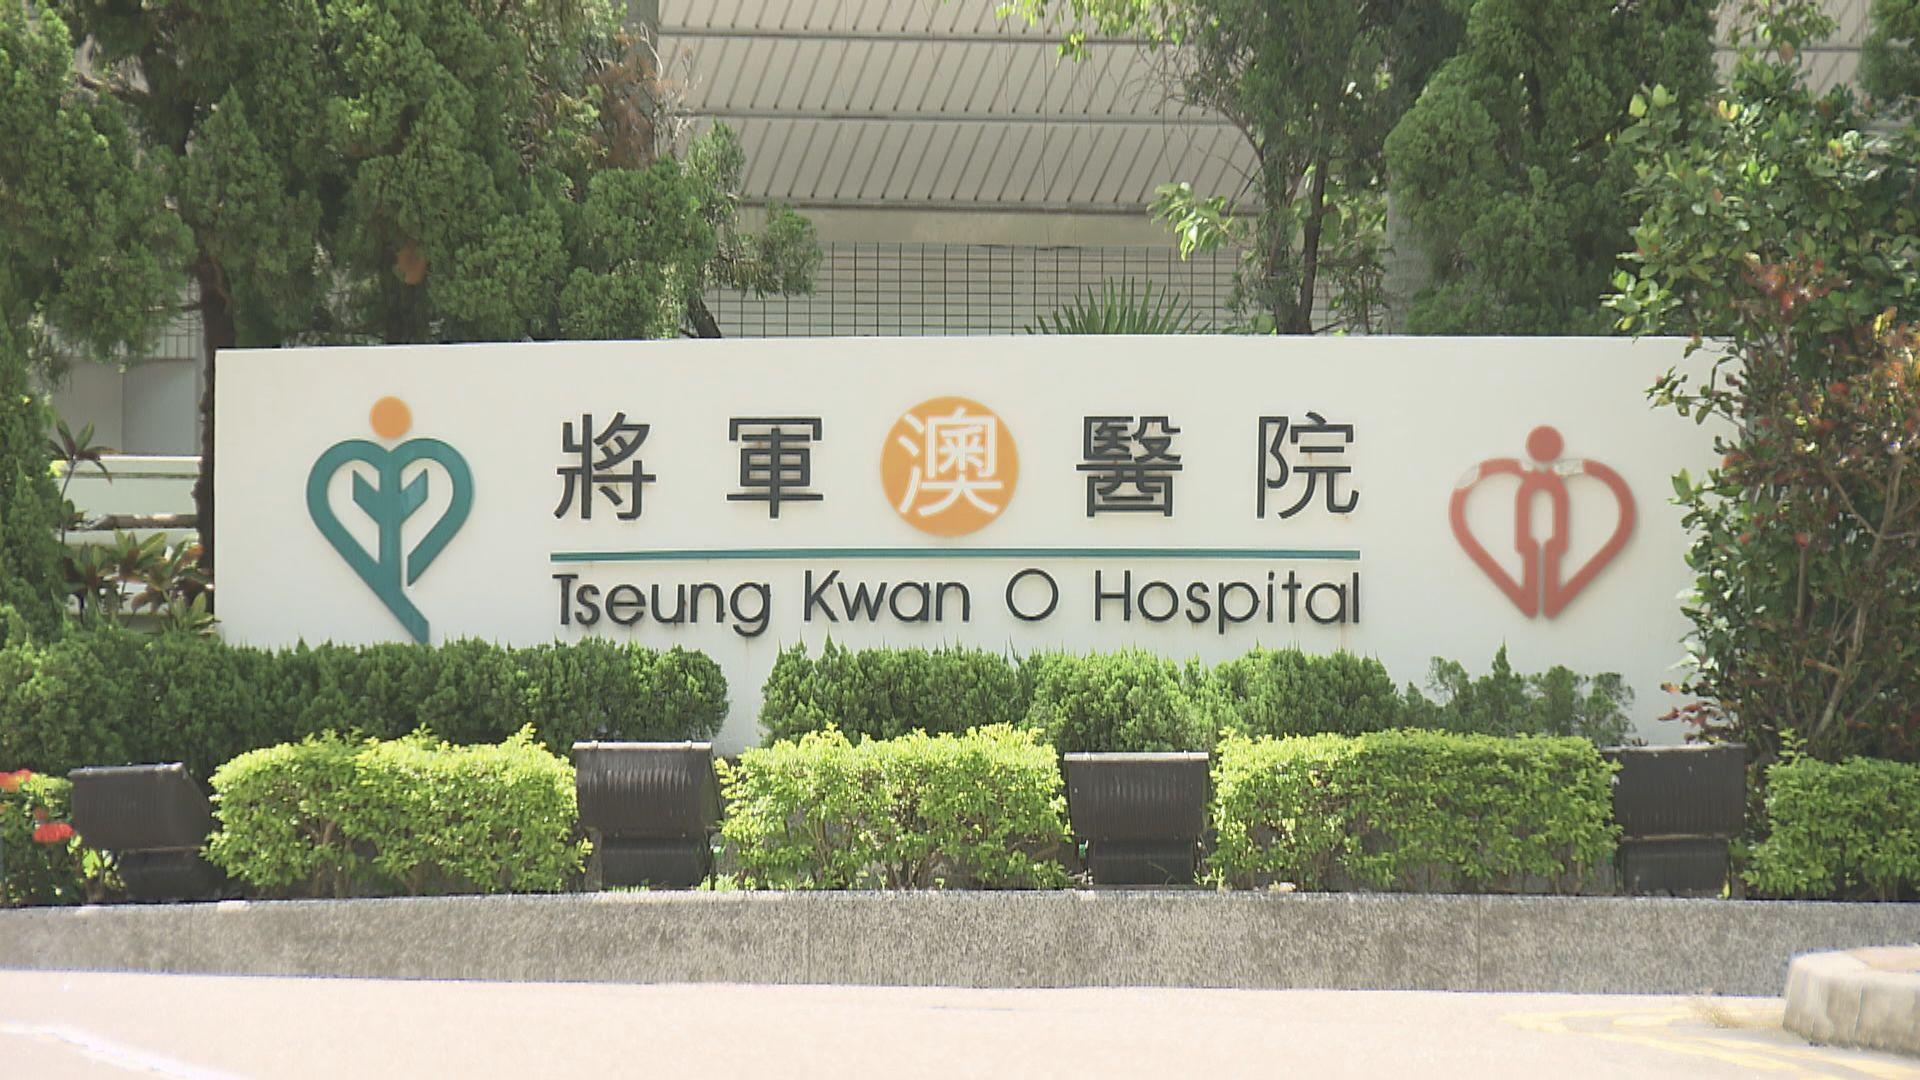 五名食環署人員處理初步確診病人遺體後要檢疫